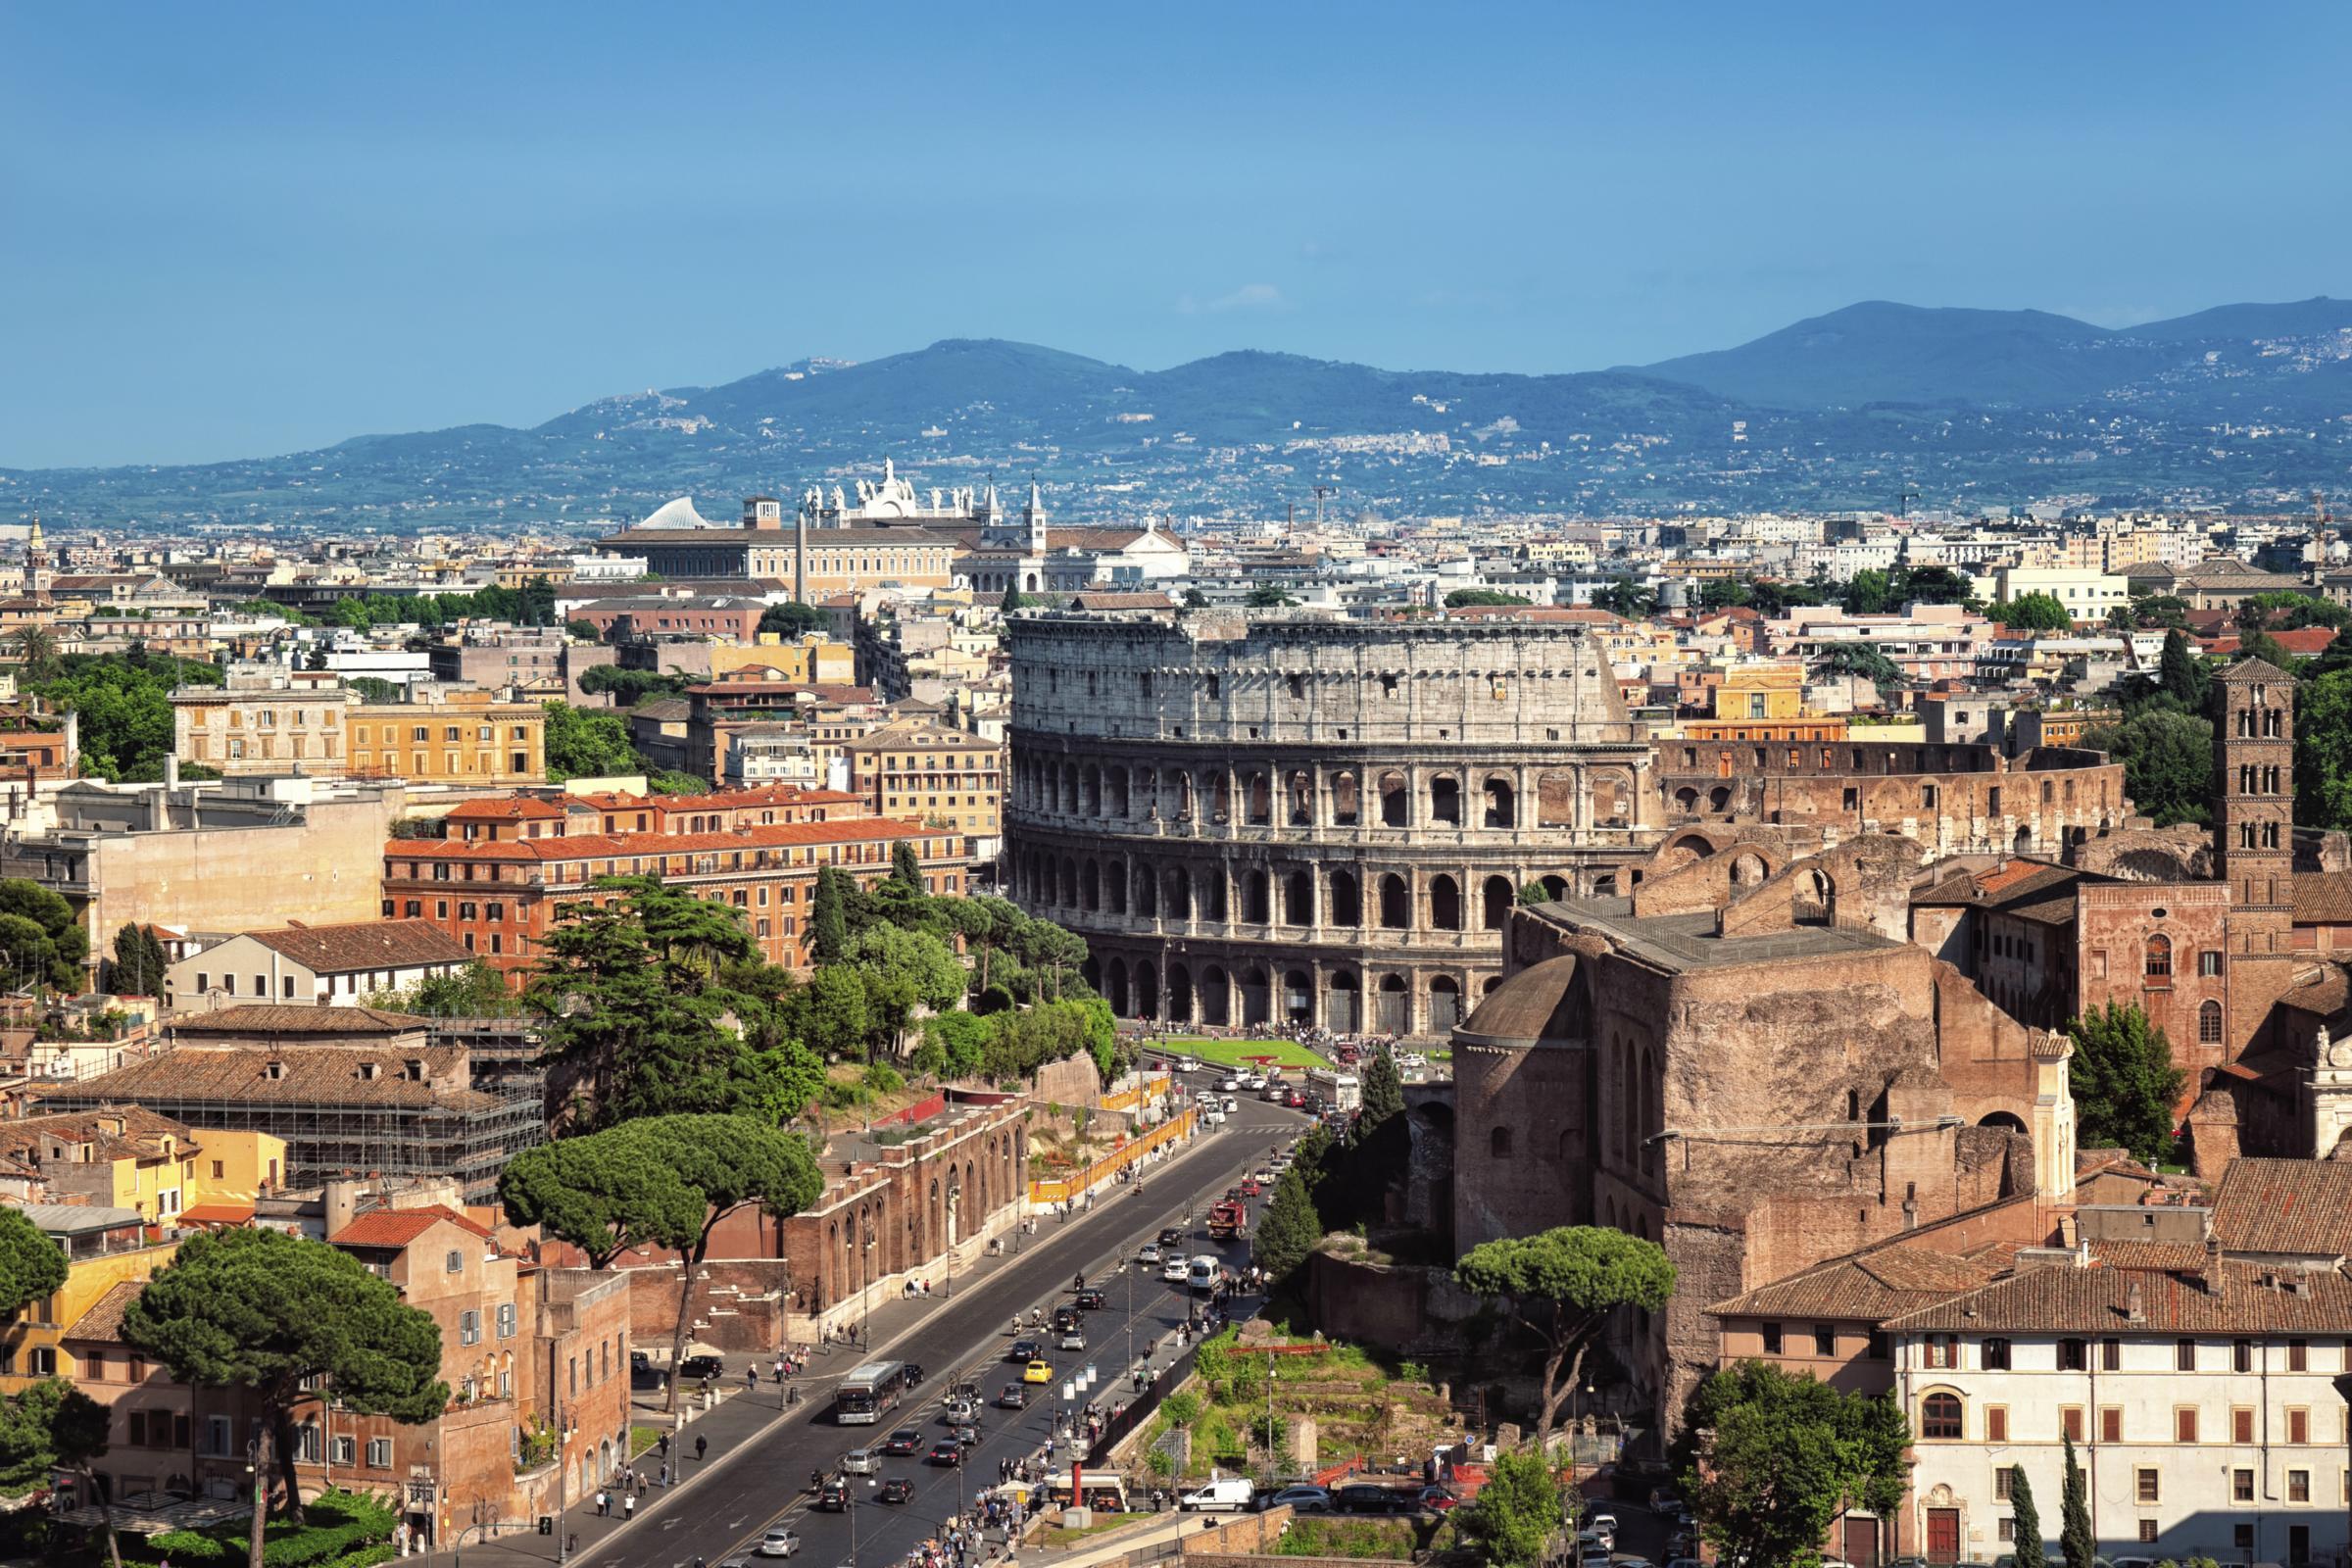 Noleggio auto Roma